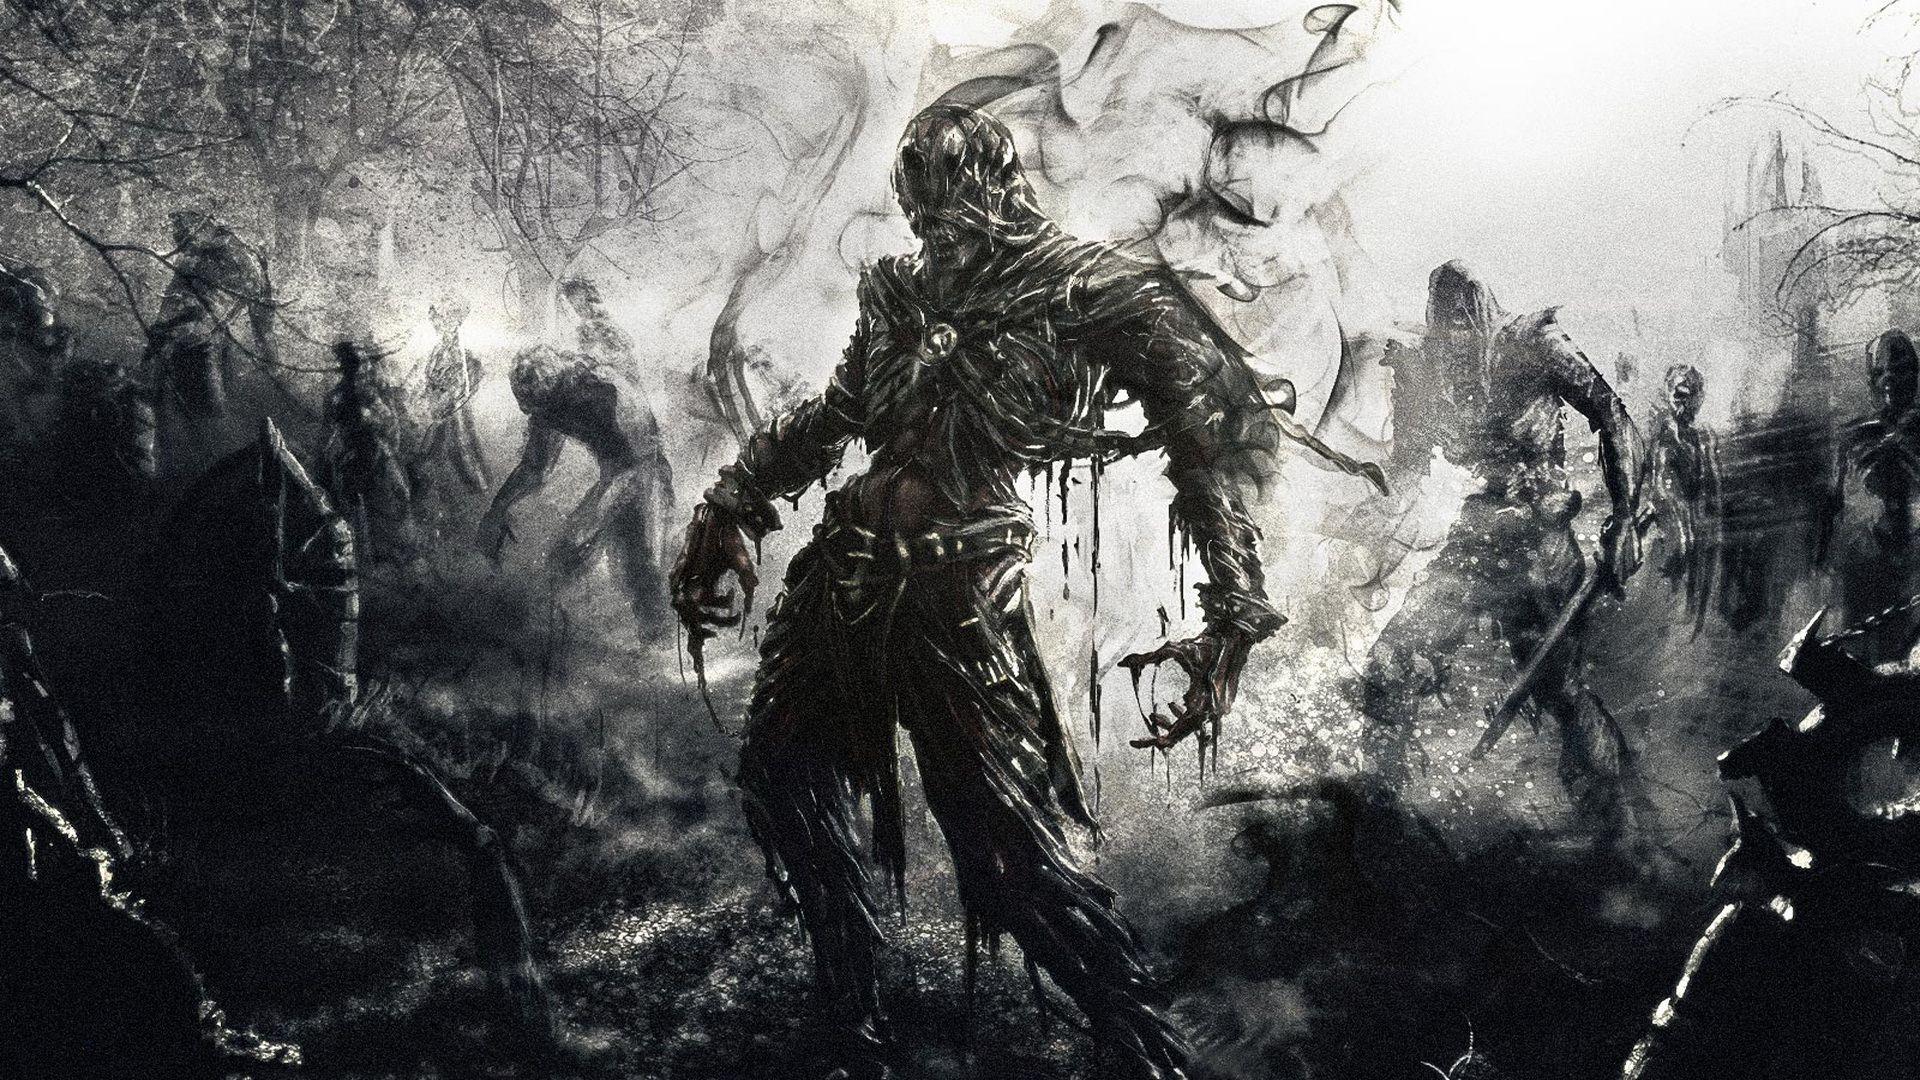 Beautiful Artwork Wallpaper Images Hd Zombie Wallpaper 1080p Wallpaper